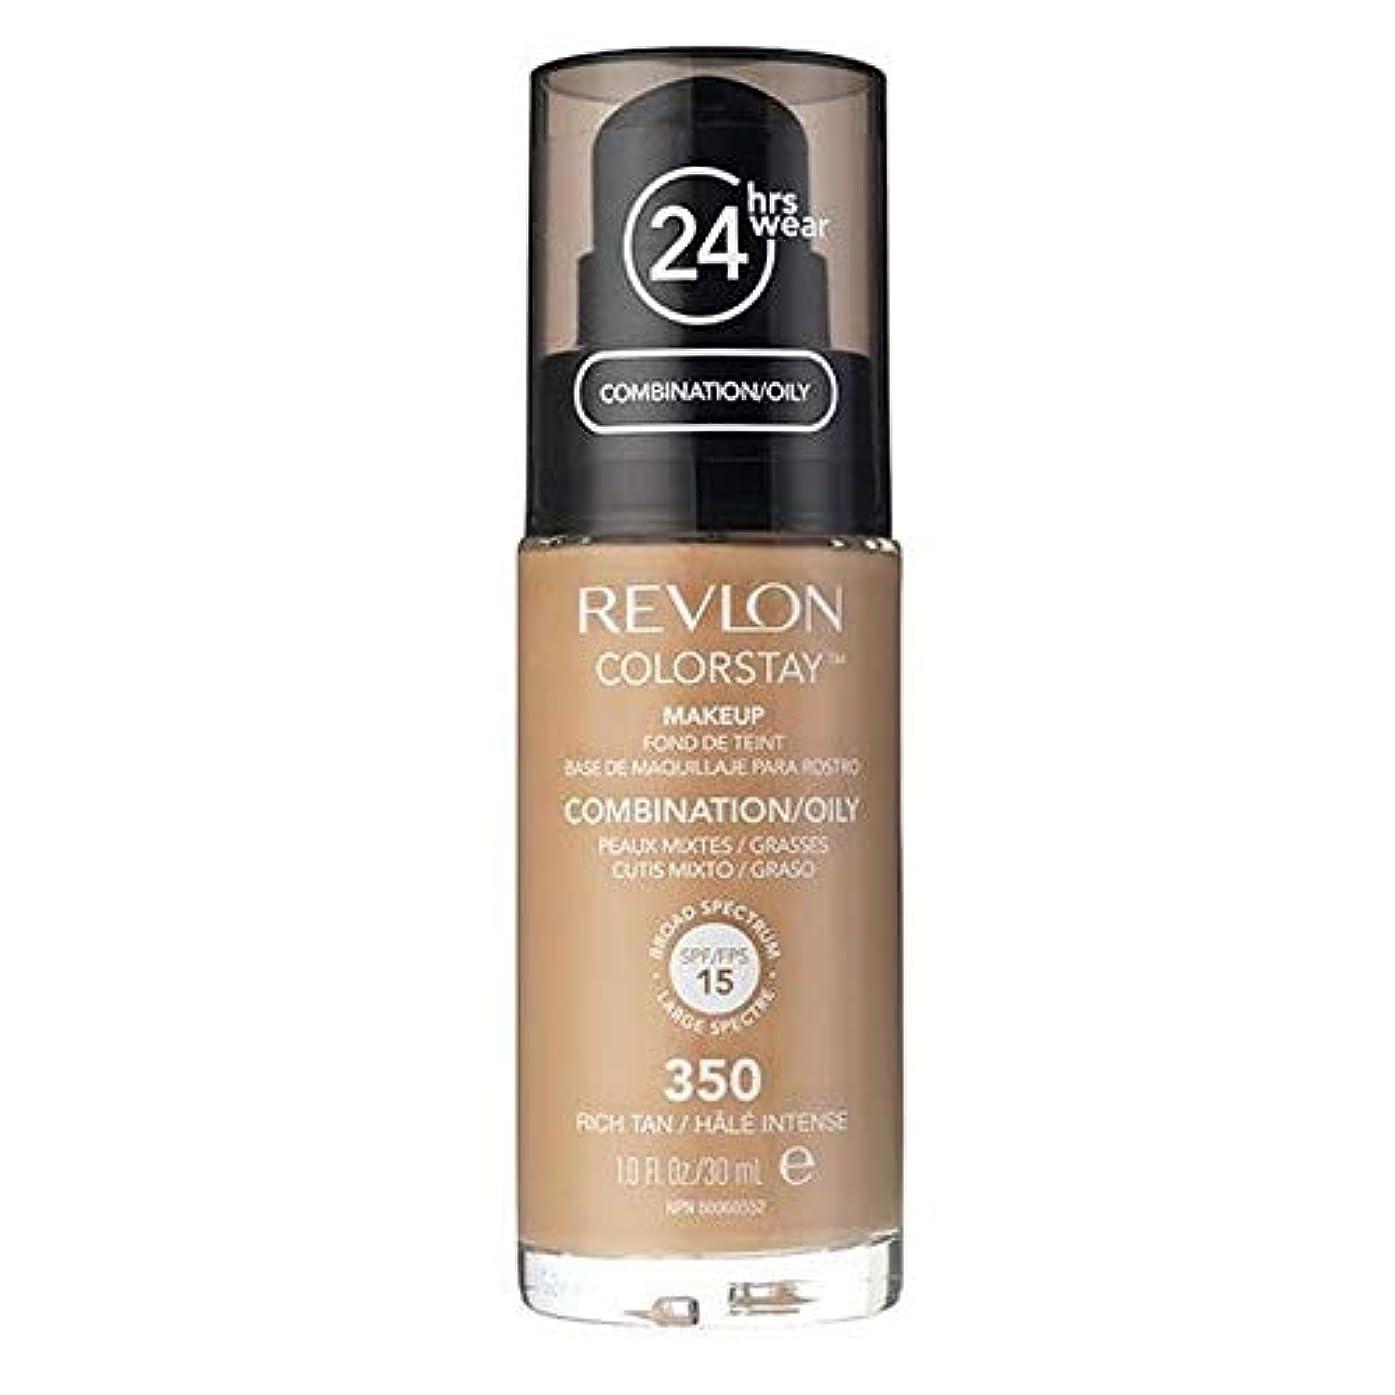 忠誠エンターテインメントミルク[Revlon ] レブロンカラーステイ基盤コンビ/油性豊かな日焼け30ミリリットル - Revlon Color Stay Foundation Combi/Oily Rich Tan 30ml [並行輸入品]